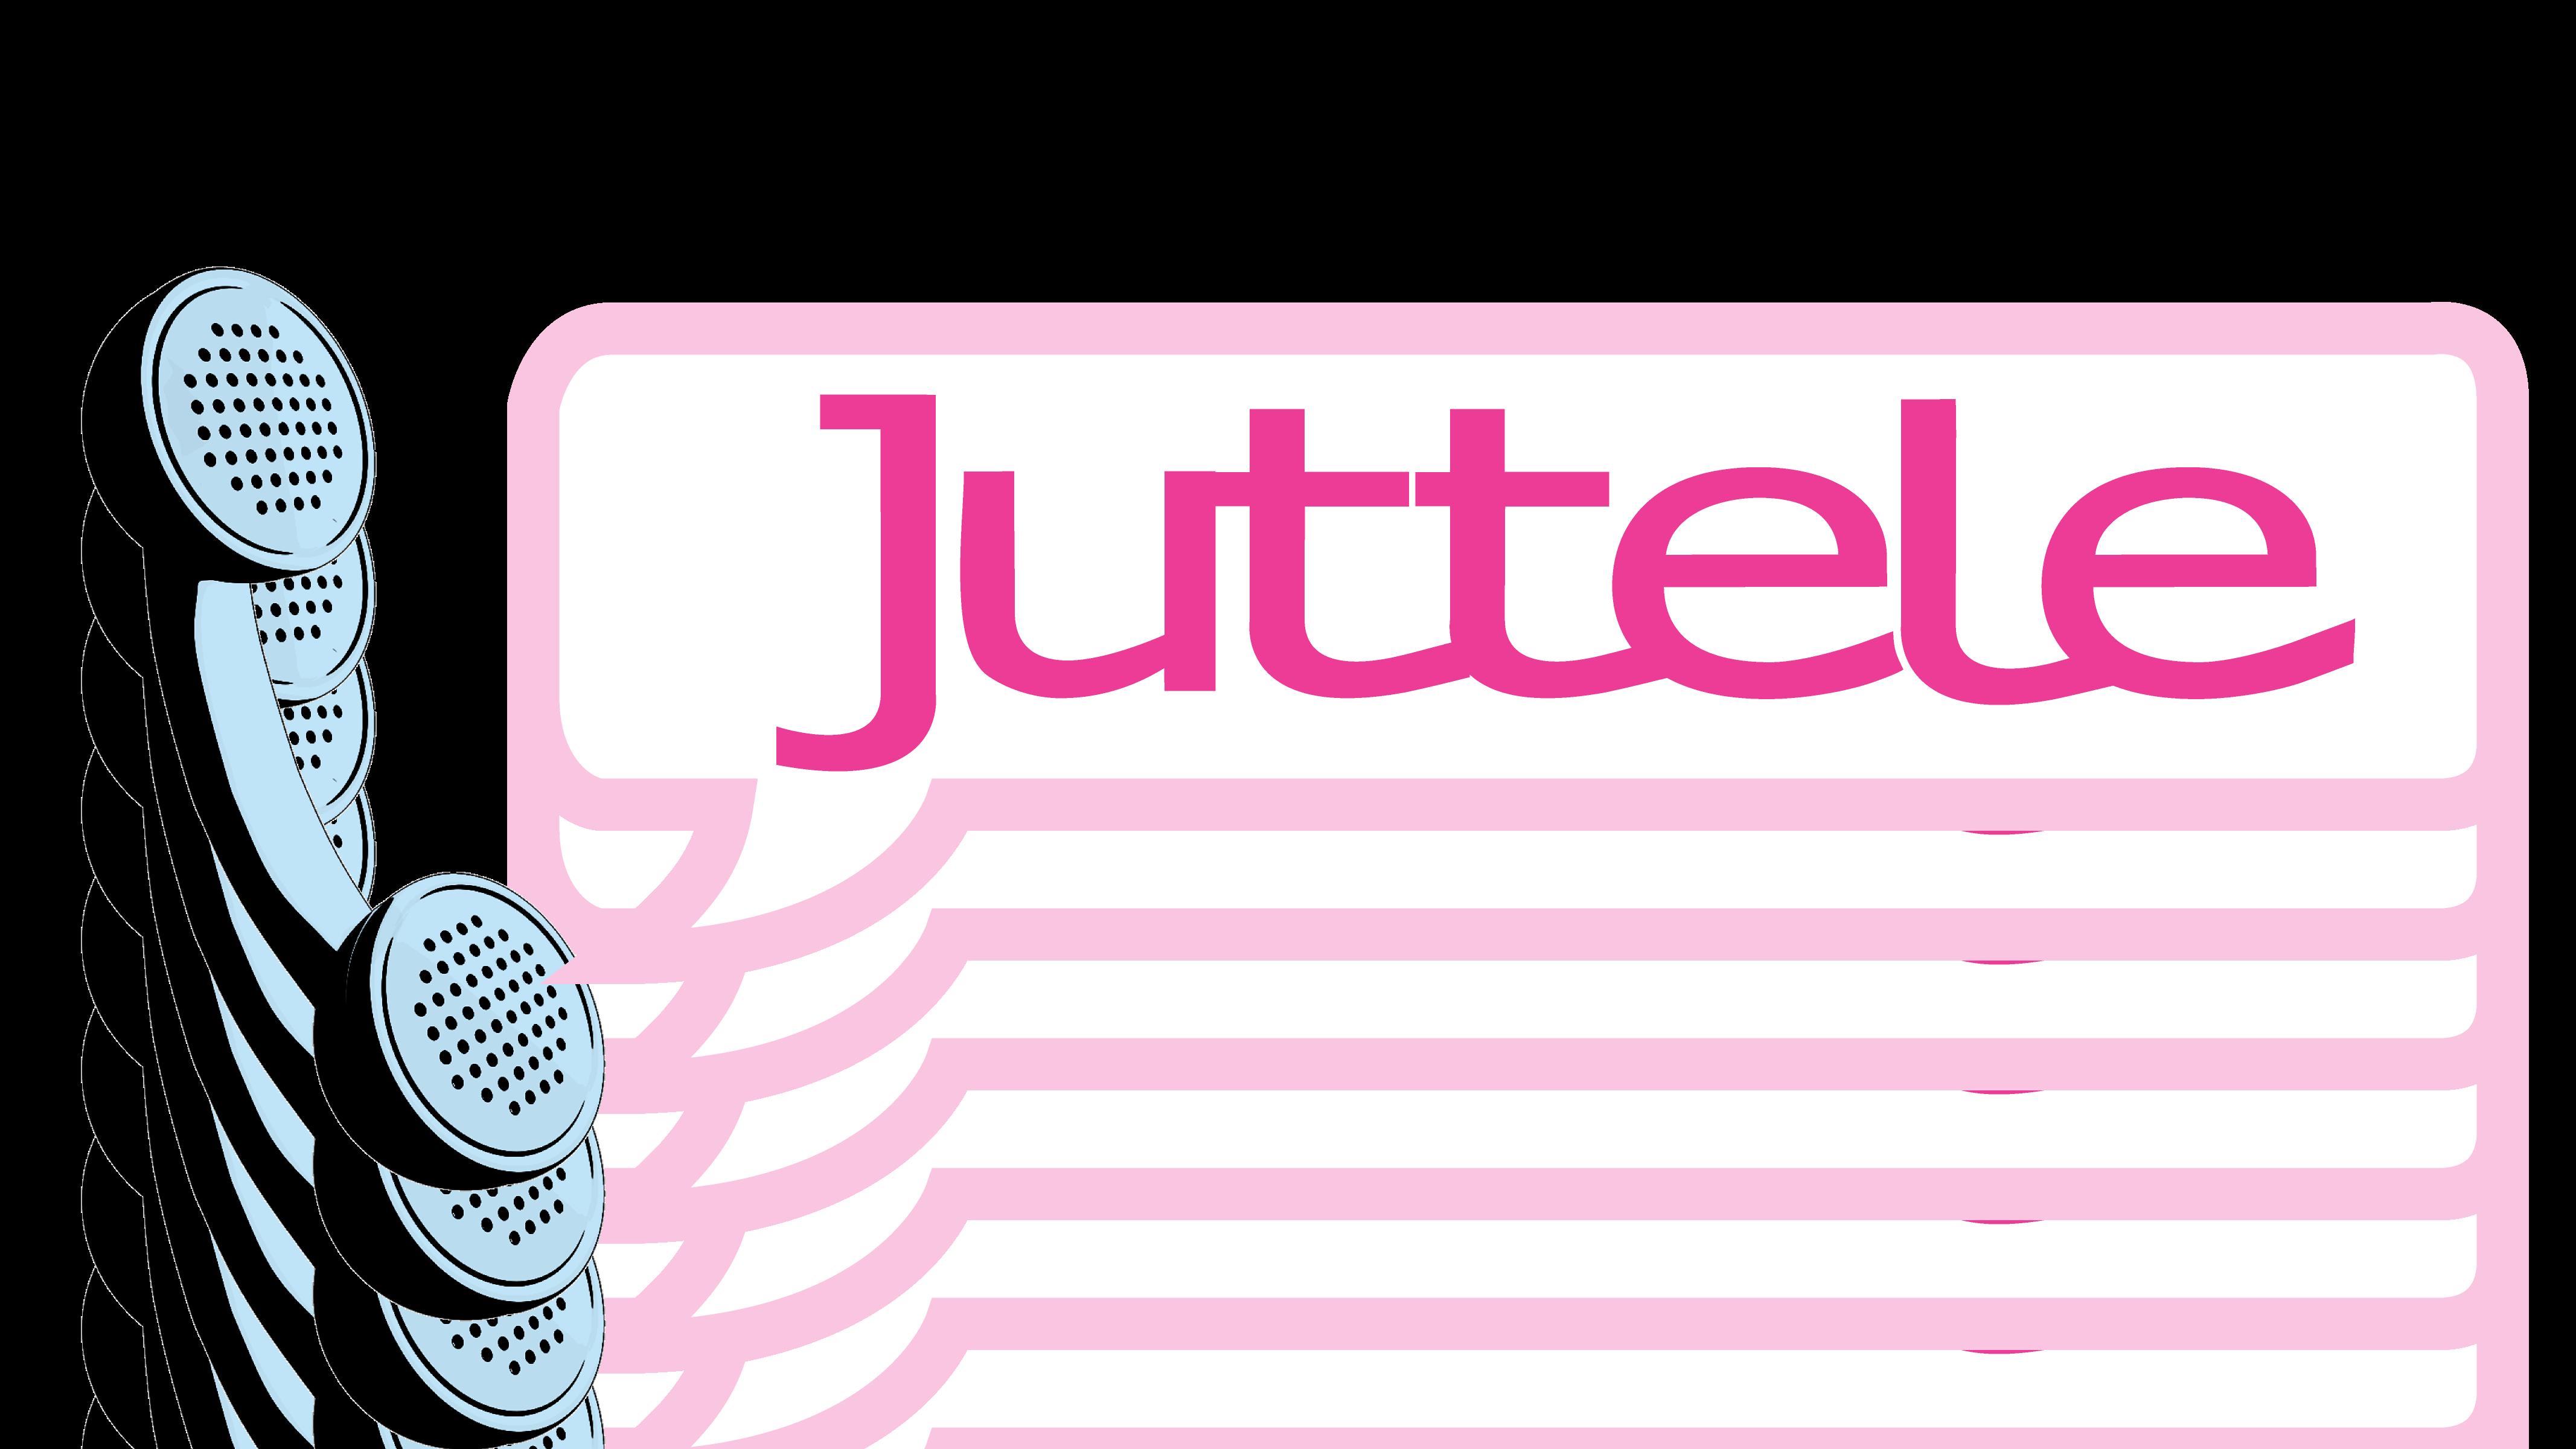 Juttele.fi